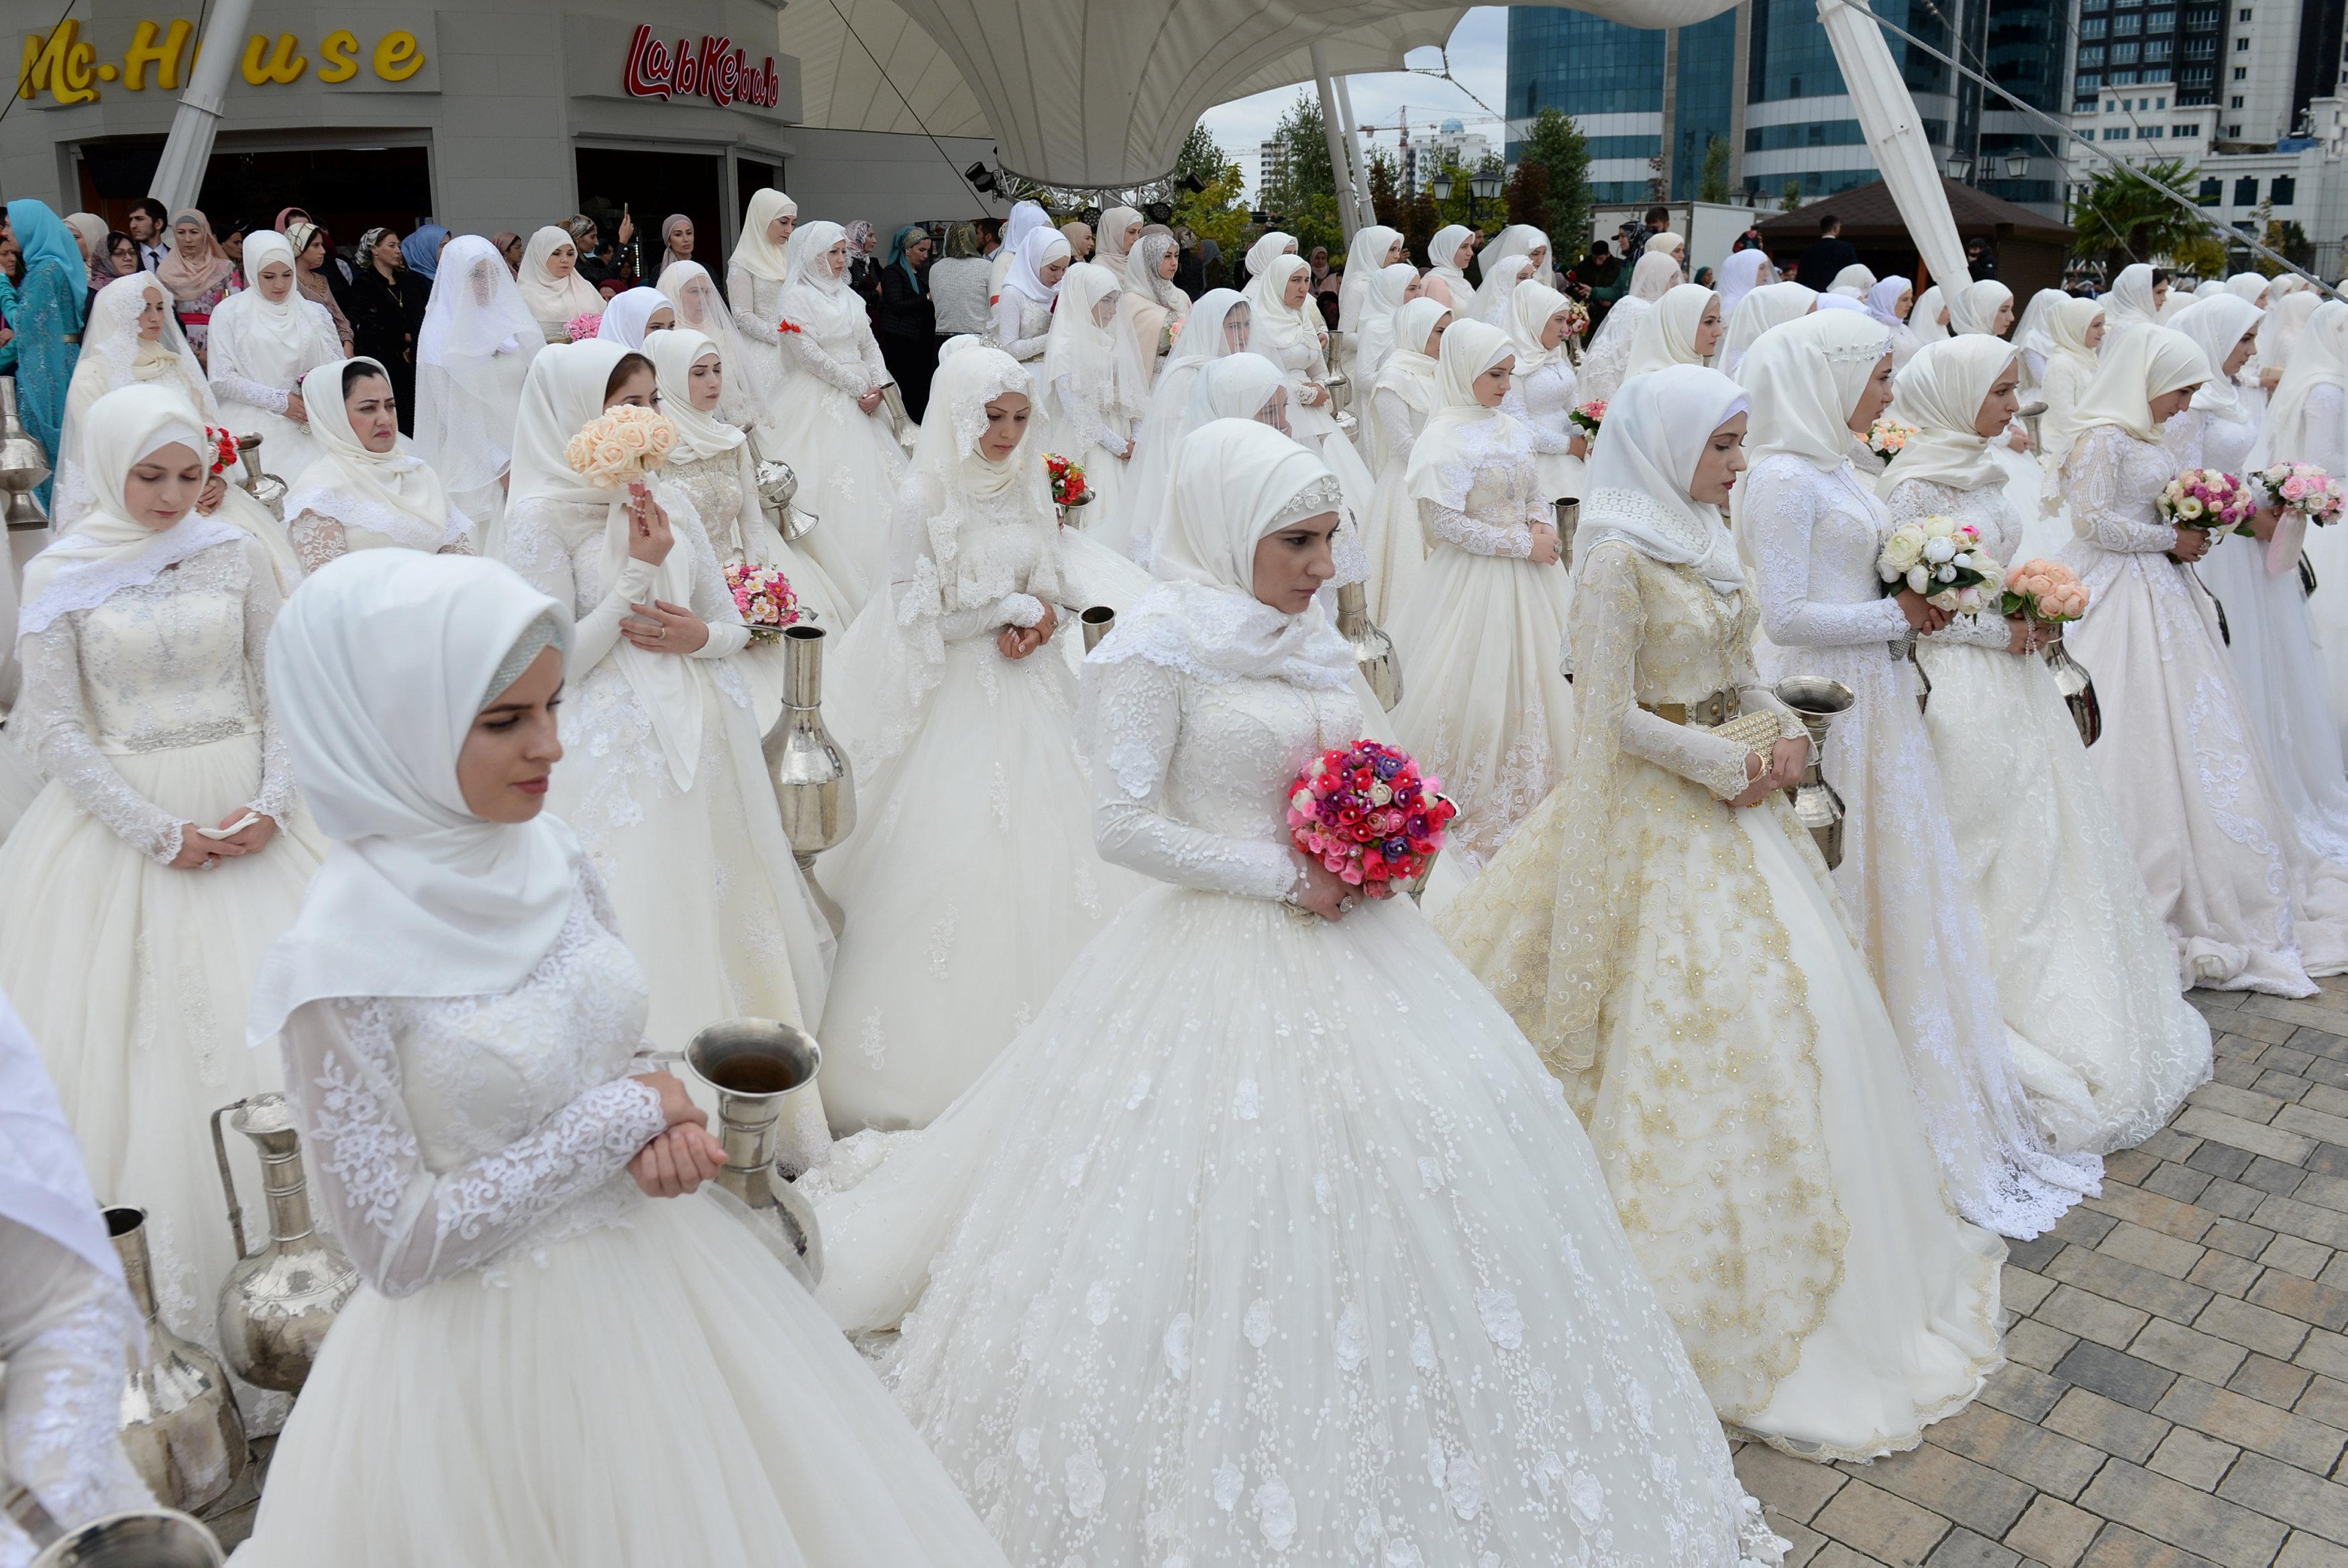 صور حفل زفاف جماعى فى الشيشان بمناسبة الذكرى الـ 200 لتأسيس جروزنى 1278831-2018-10-05T164355Z_1519424198_RC1ED77E4960_RTRMADP_3_RUSSIA-CHECHNYA-GROZNY-ANNIVERSARY